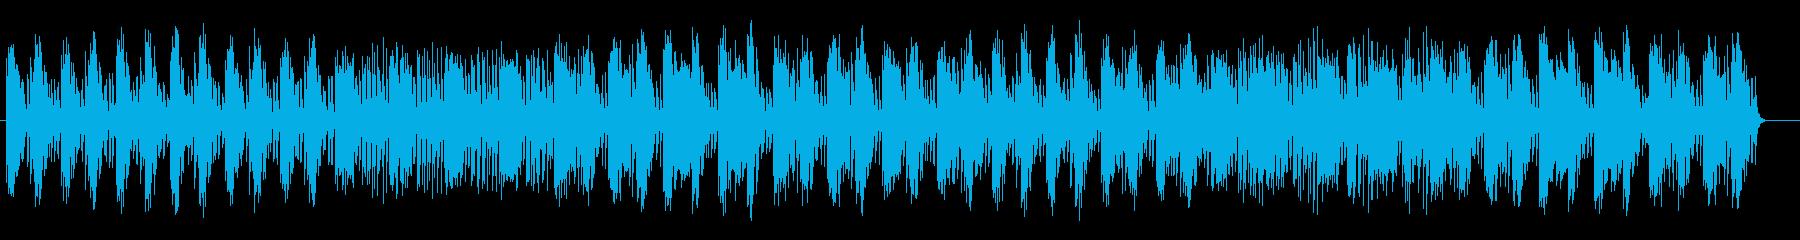 ドラマティックなミステリーミュージックの再生済みの波形